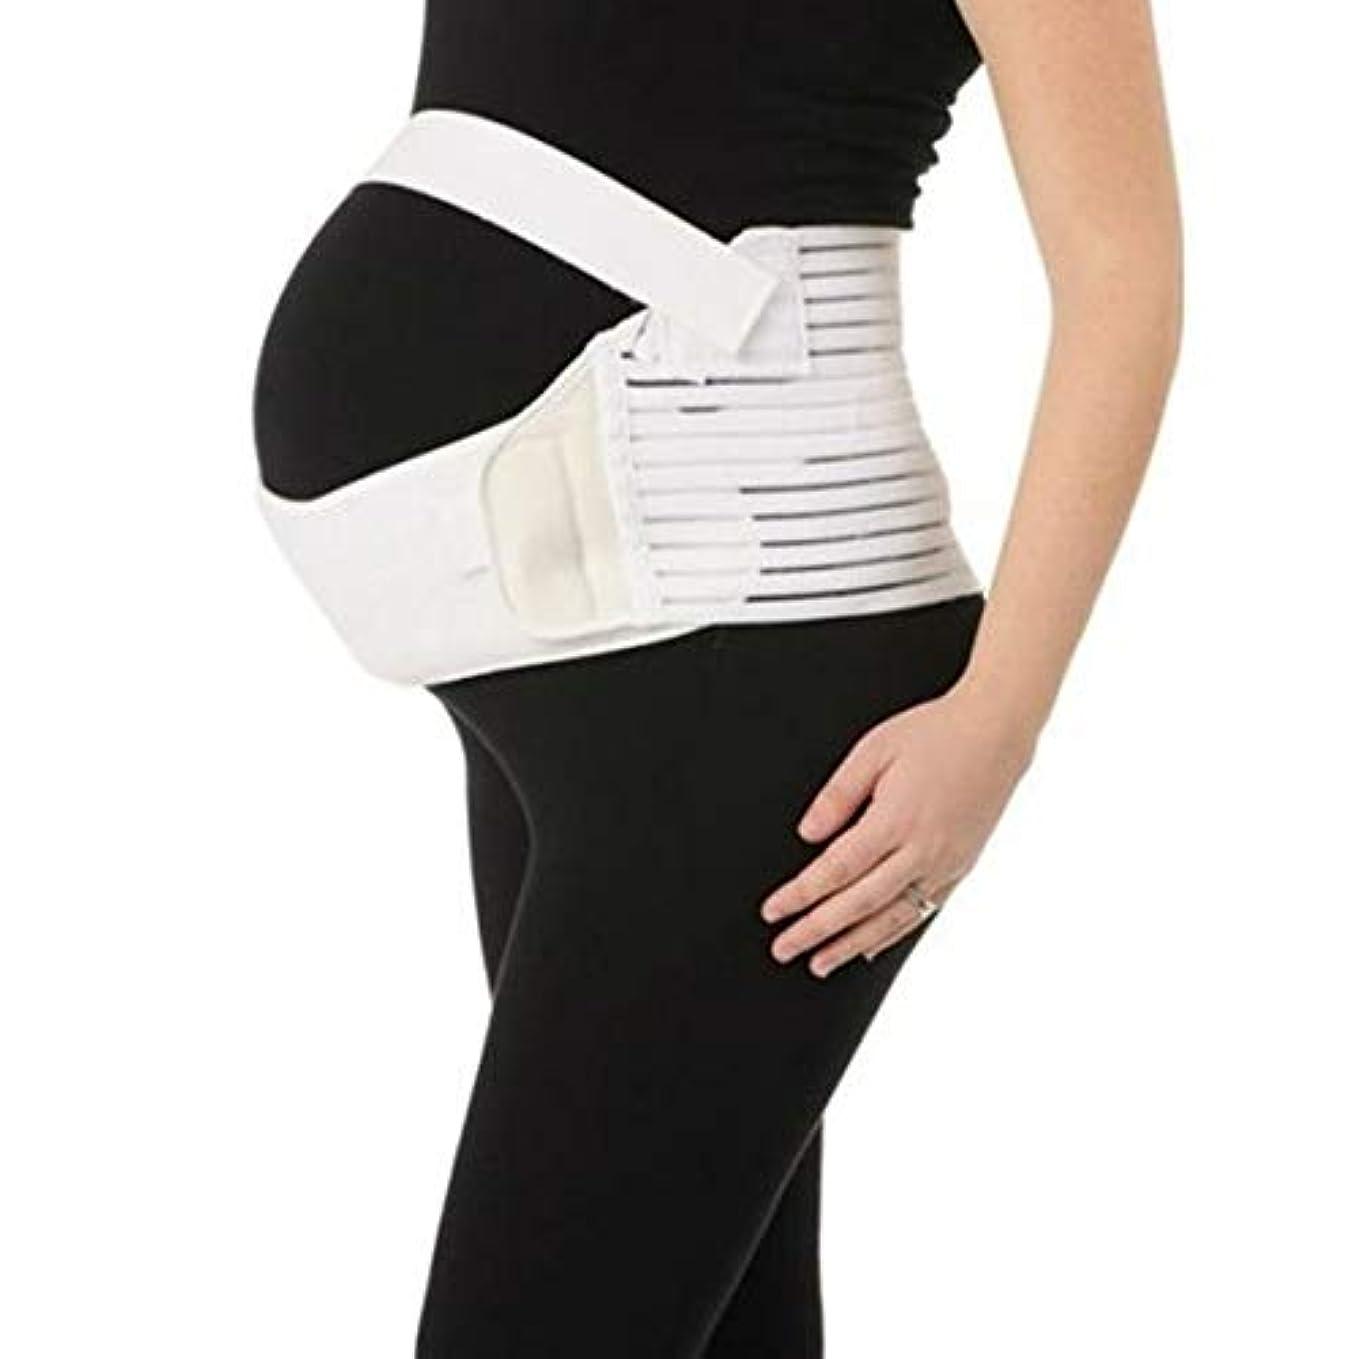 がっかりした側押す通気性マタニティベルト妊娠腹部サポート腹部バインダーガードル運動包帯産後回復形状ウェア - ホワイトXL